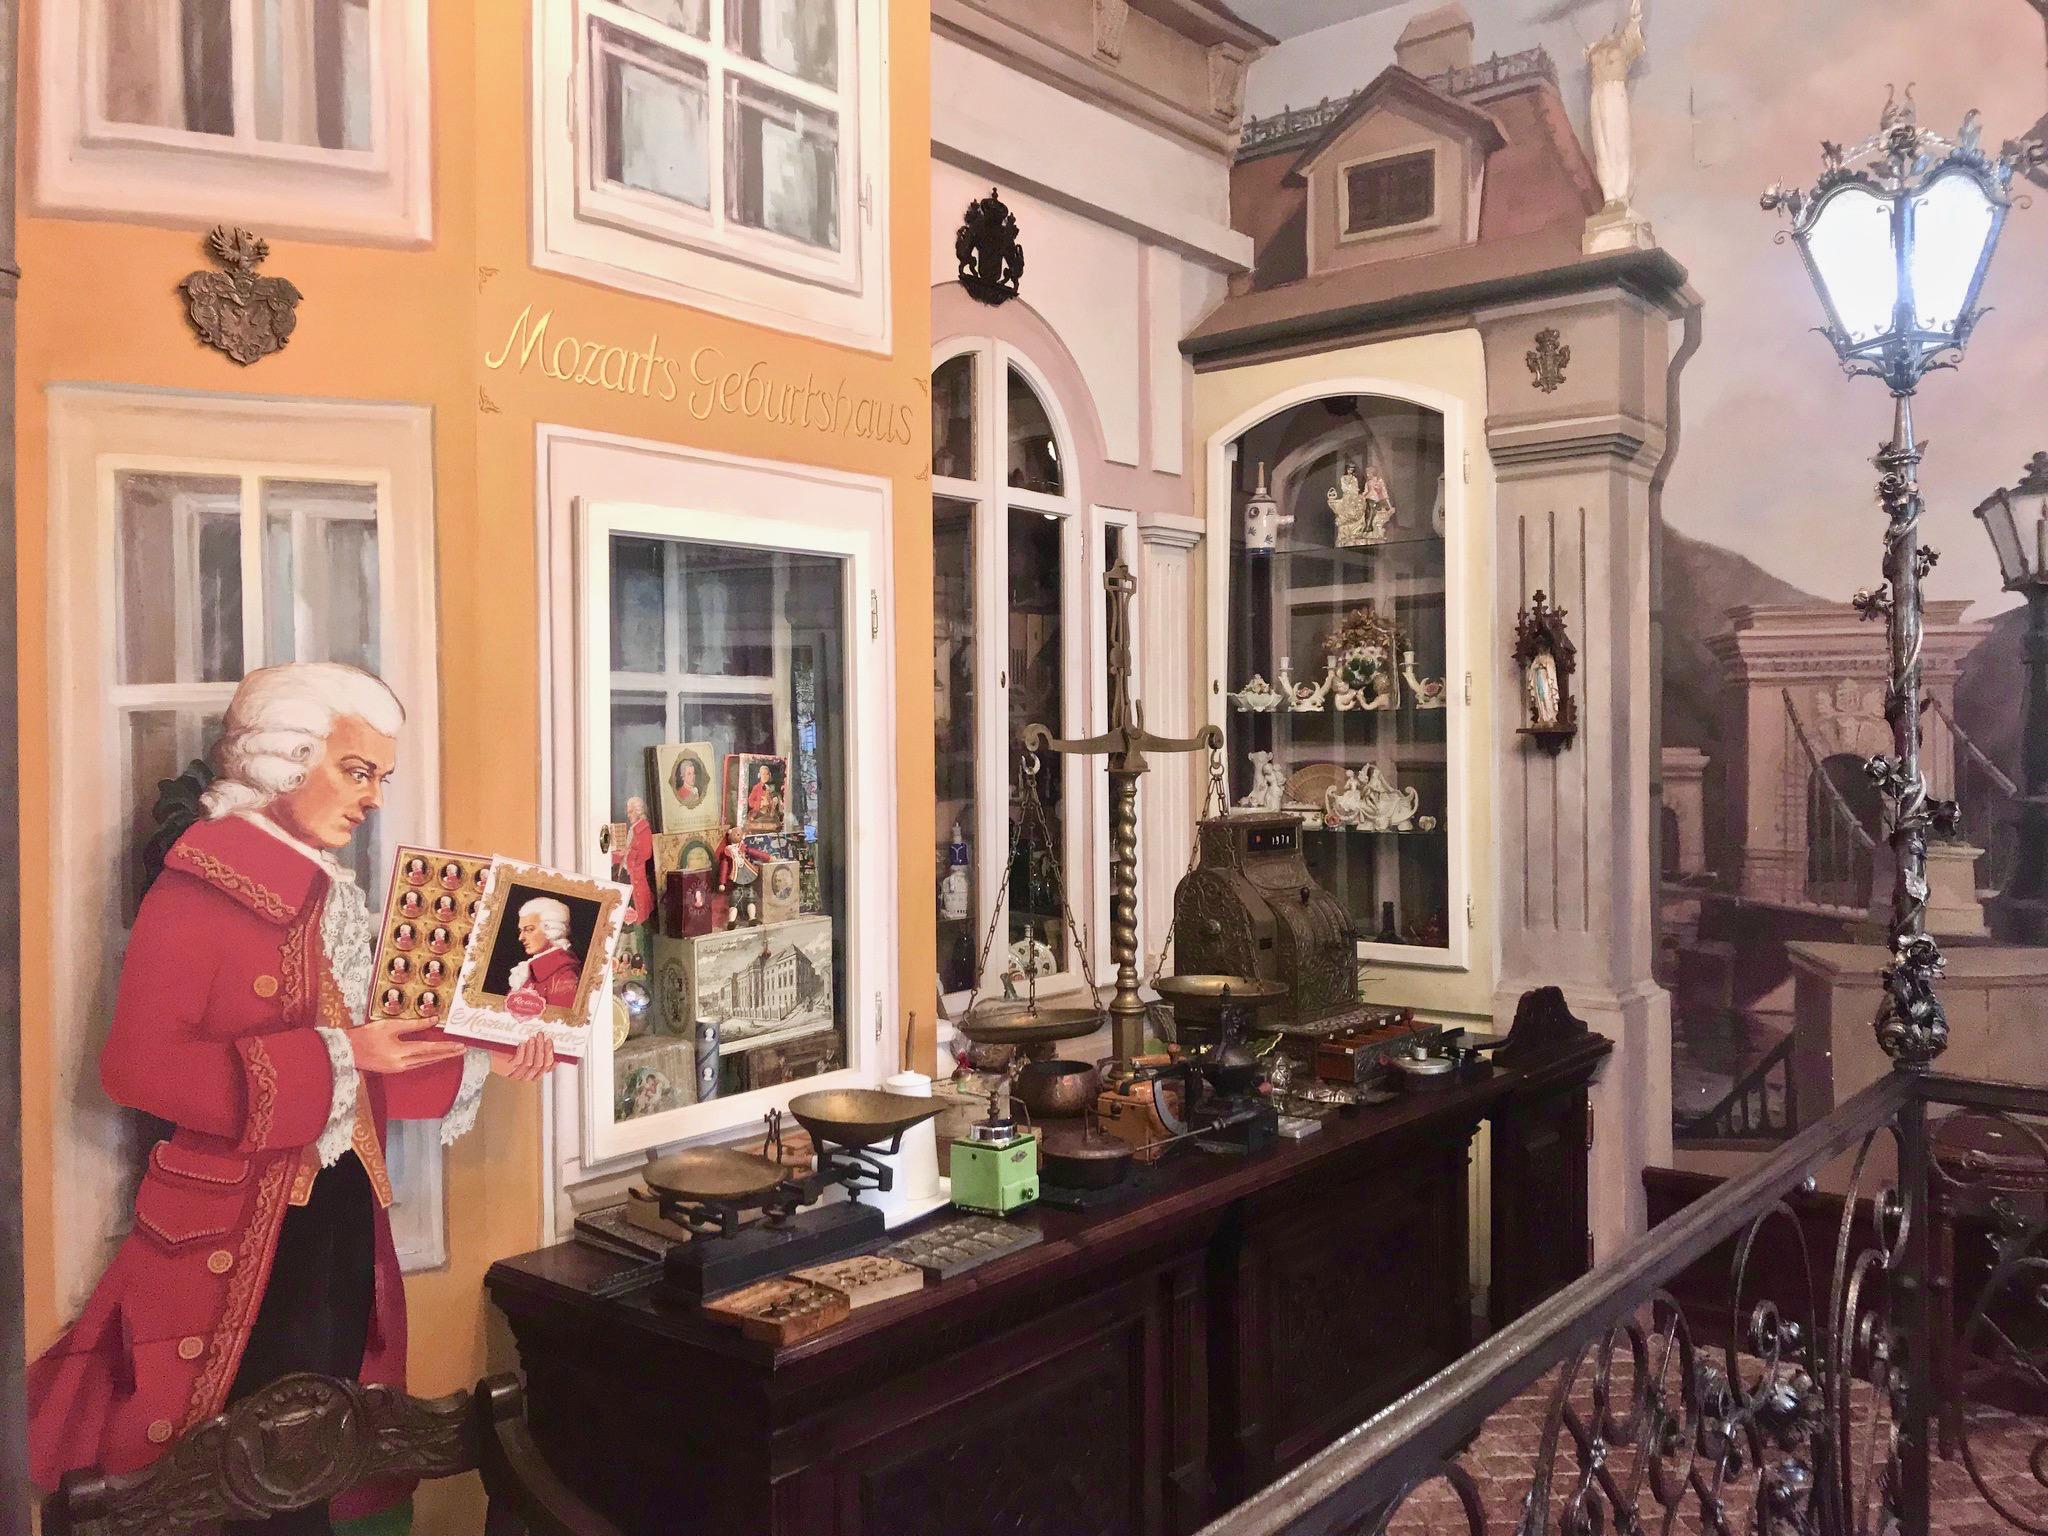 Interior de un museo del chocolate con herramientas de medición antiguas que le transportan a la época de Mozart.